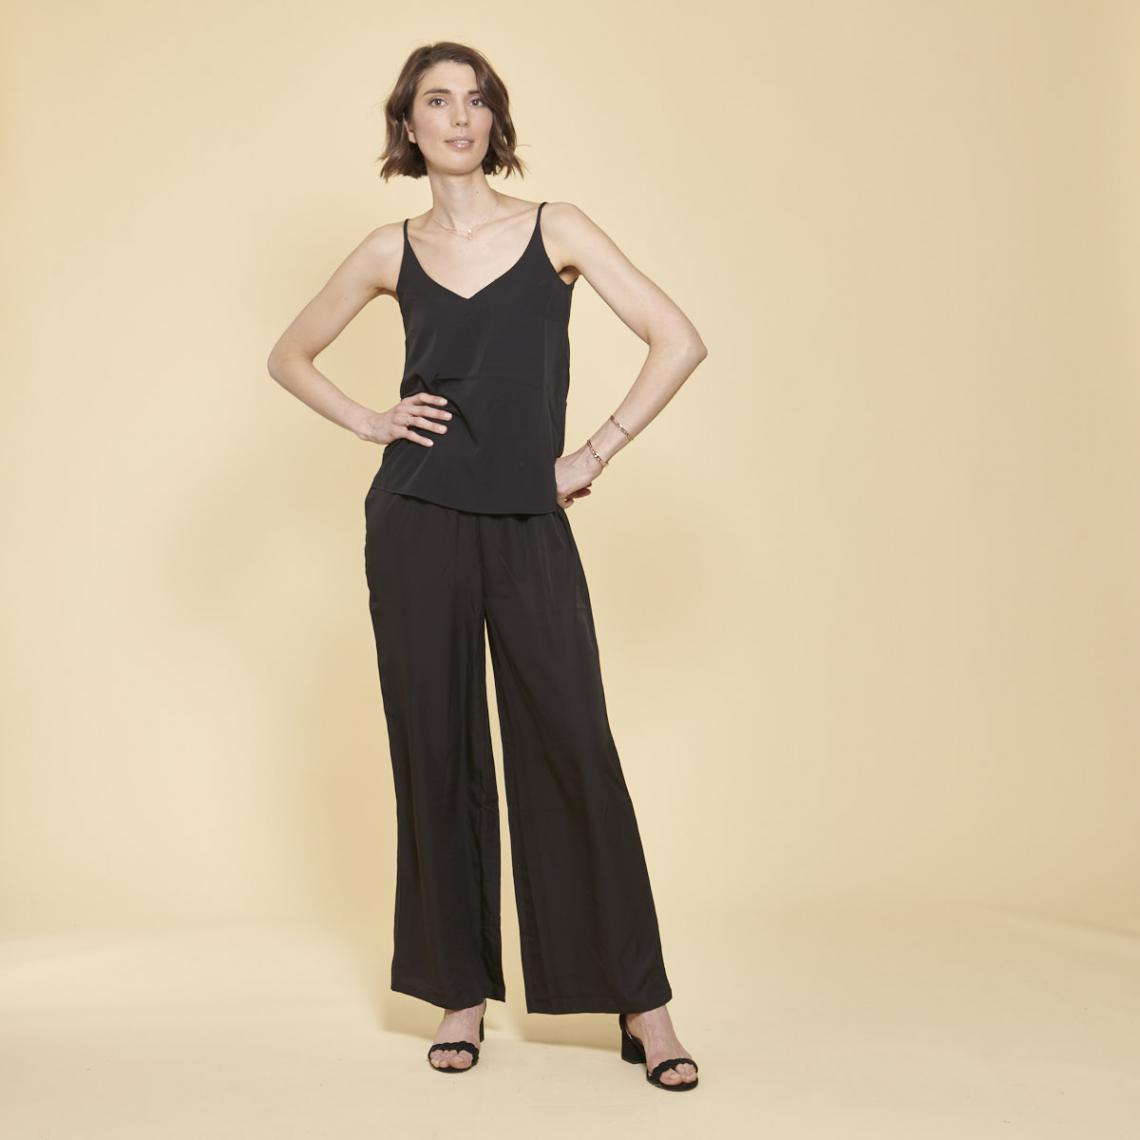 Pantalon large uni taille élastique froncée - 3 SUISSES - Modalova